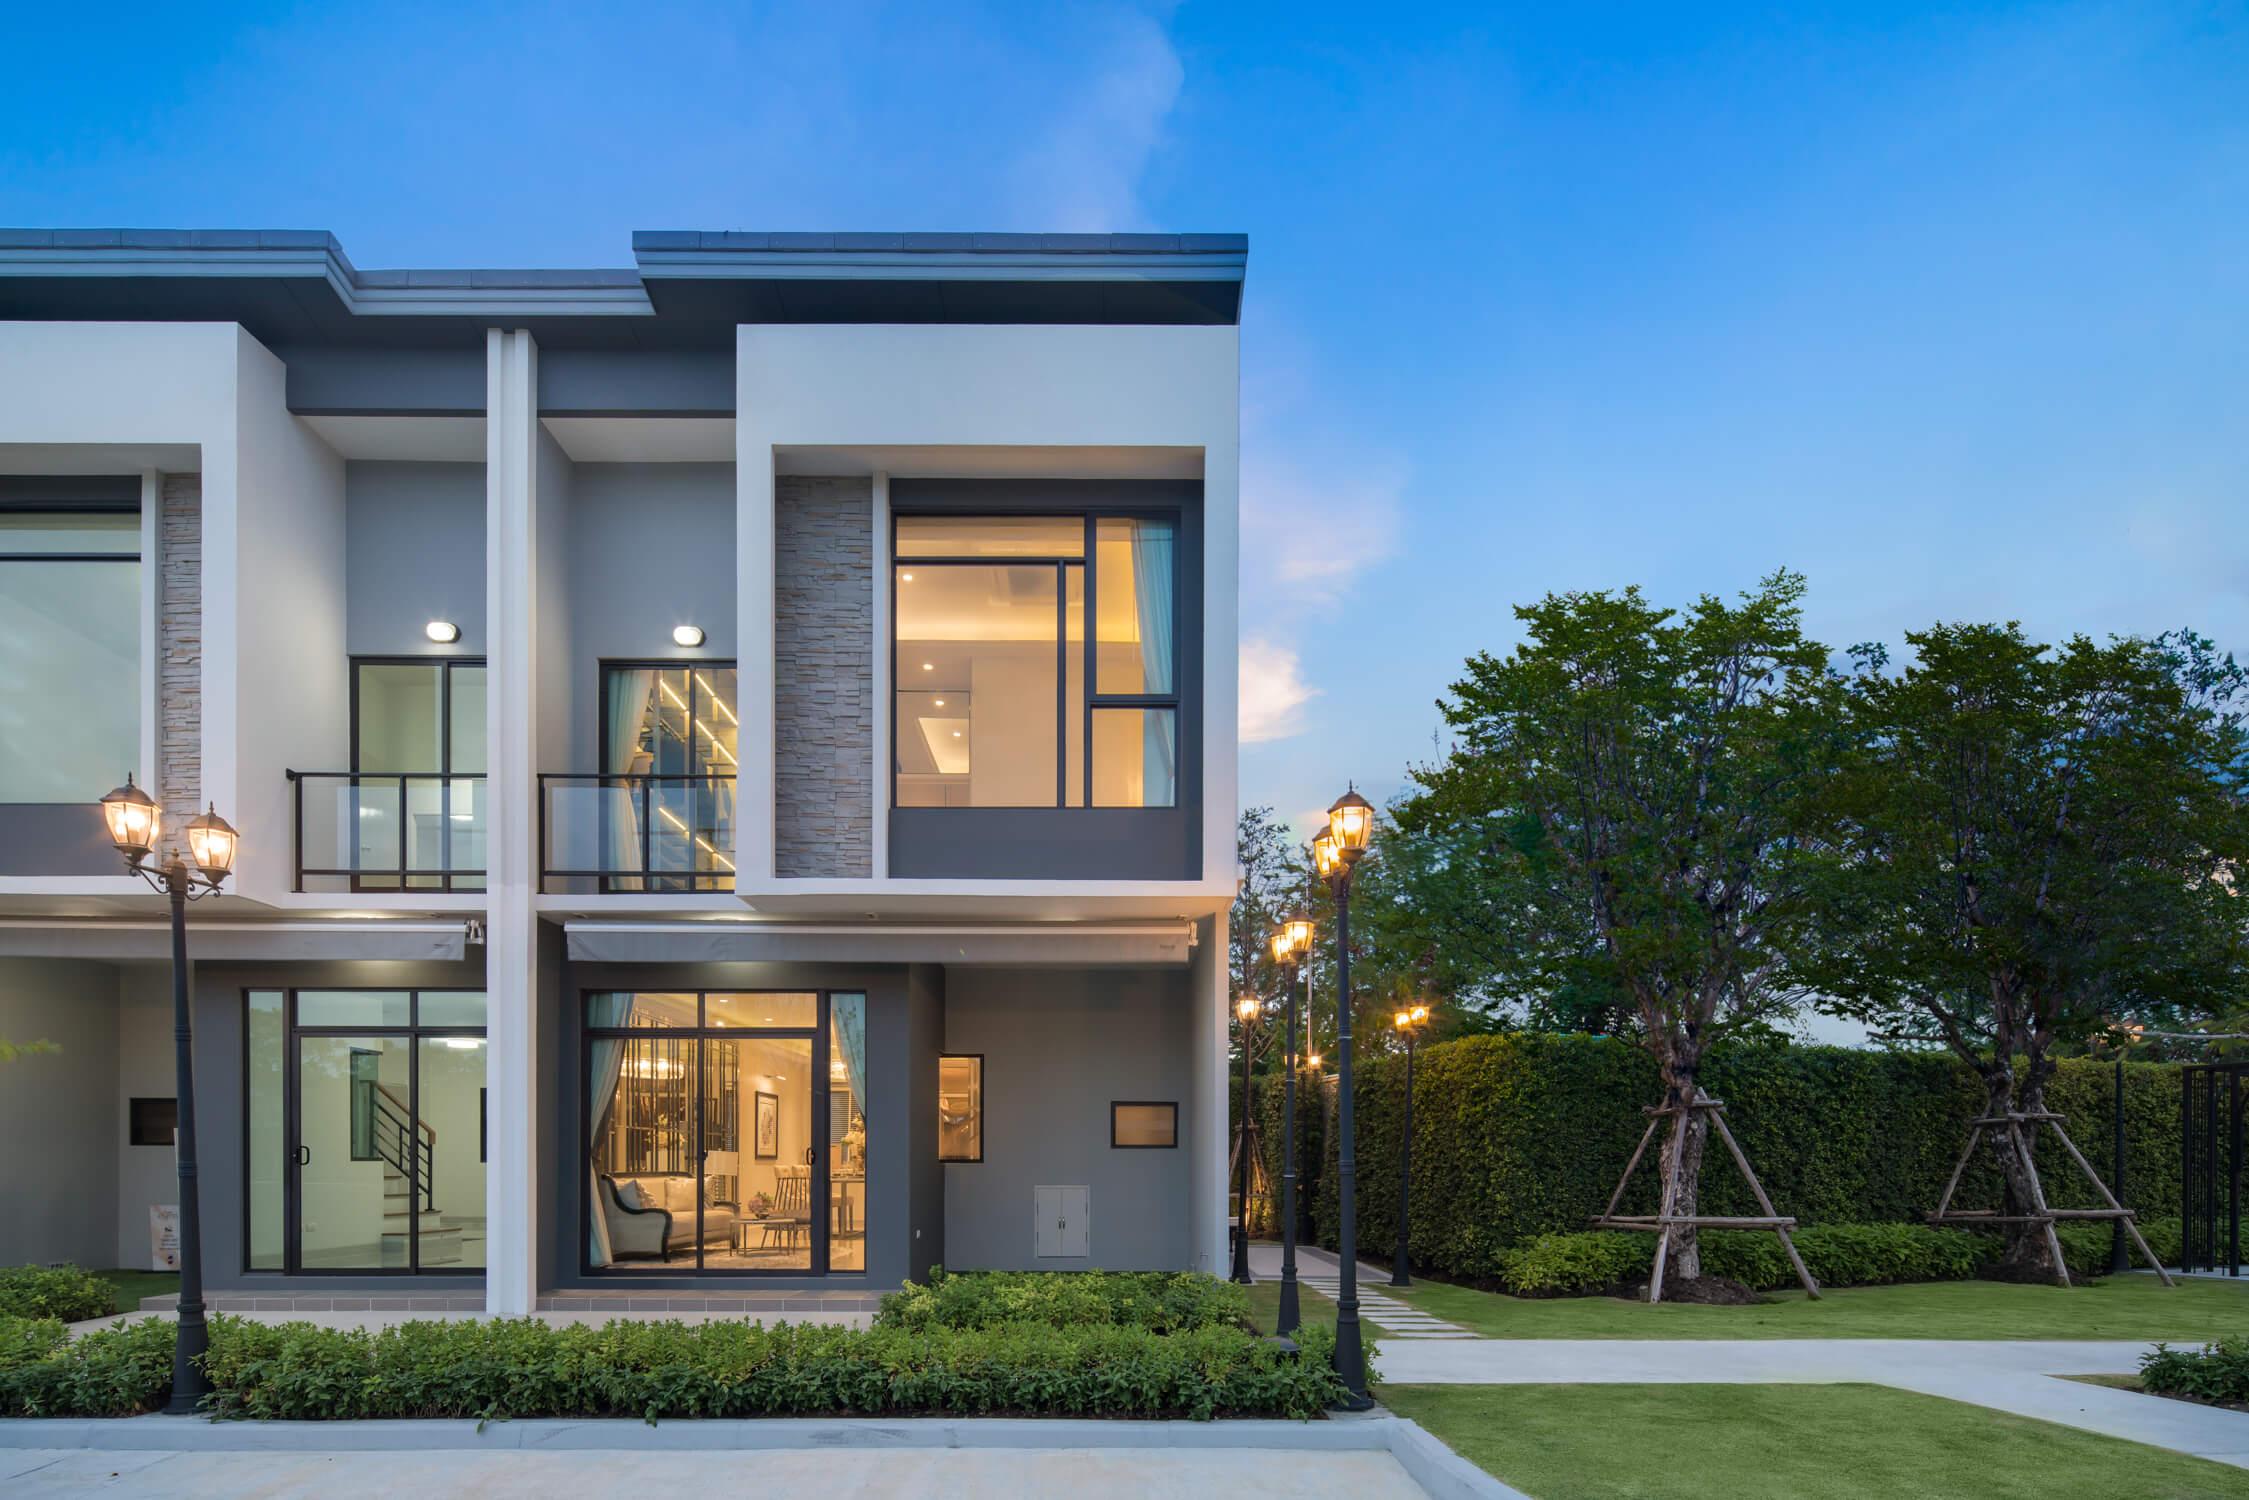 7 โครงการบ้านเอพีช่วยผ่อน 30 เดือน สุขสวัสดิ์-ประชาอุทิศ เข้าเมืองง่าย ทาวน์โฮม-บ้าน เริ่ม 1.99 ล้าน 27 - AP (Thailand) - เอพี (ไทยแลนด์)